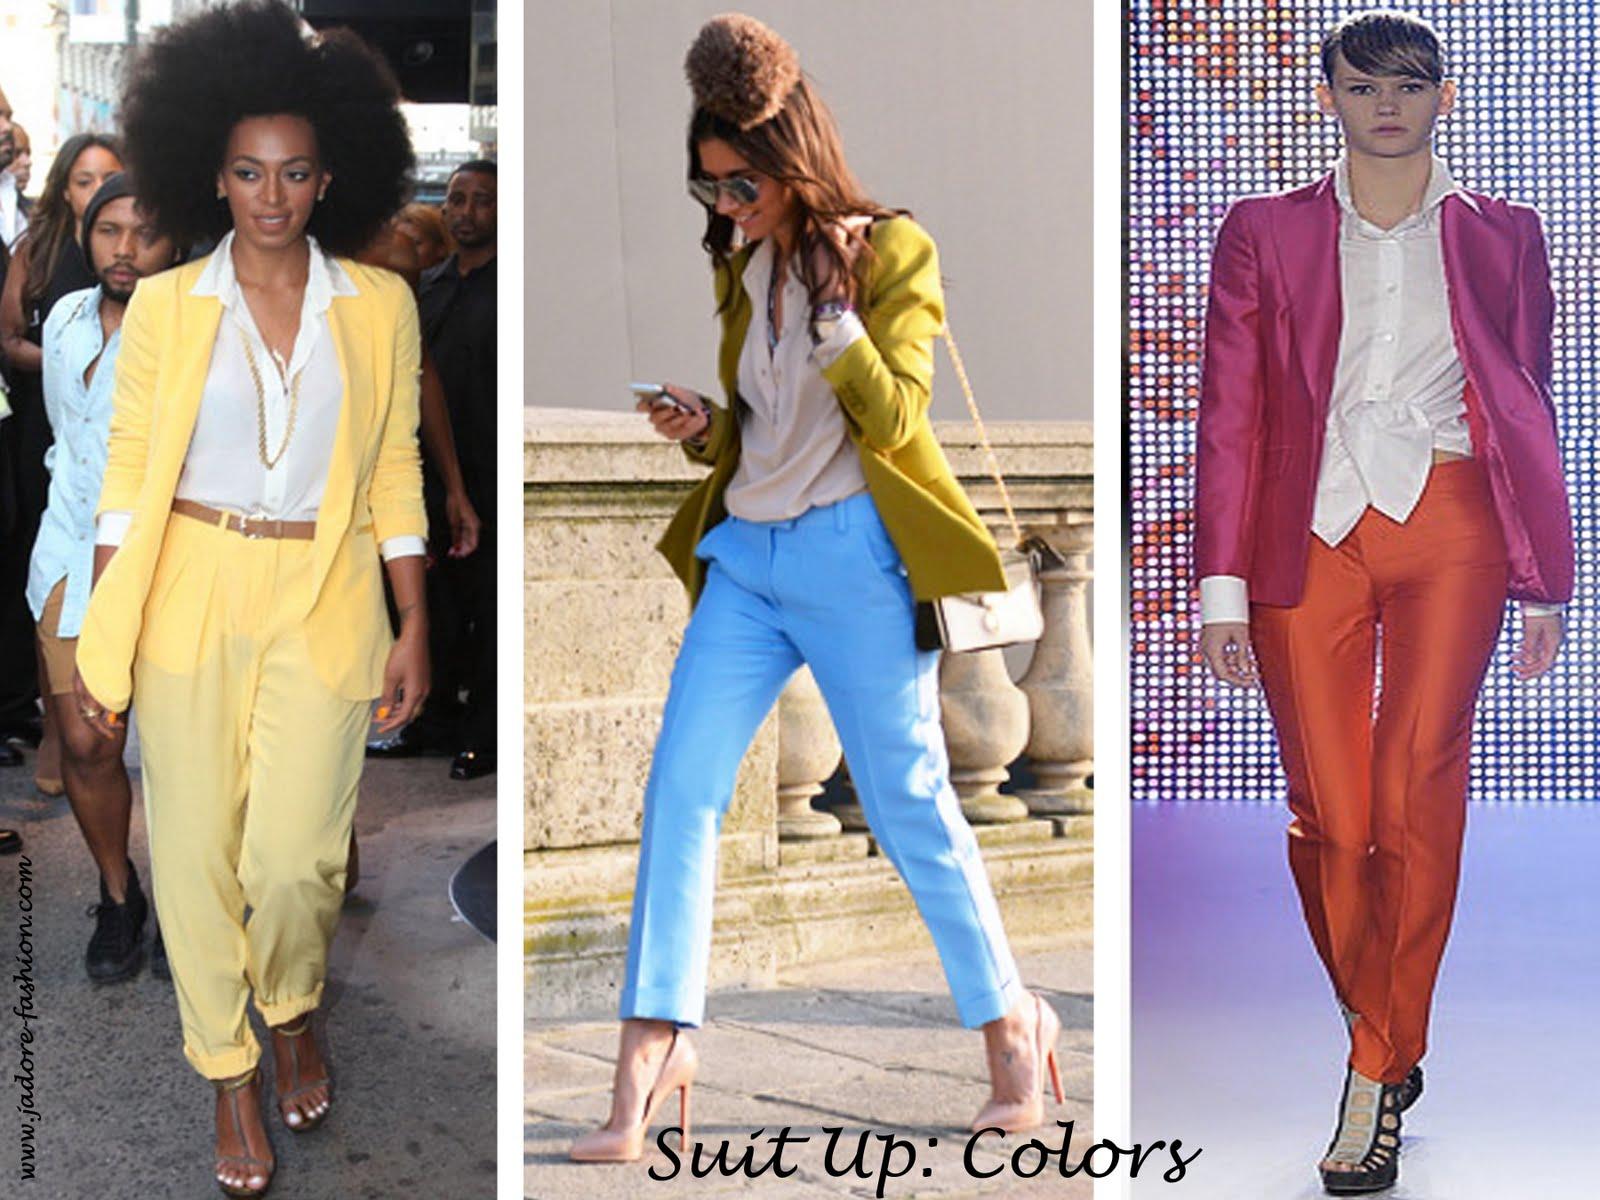 http://2.bp.blogspot.com/-ky4mBouuNNY/TisBT_-UqSI/AAAAAAAAEHw/Iiar4_ah8mU/s1600/Suit+Up...Colors.jpg